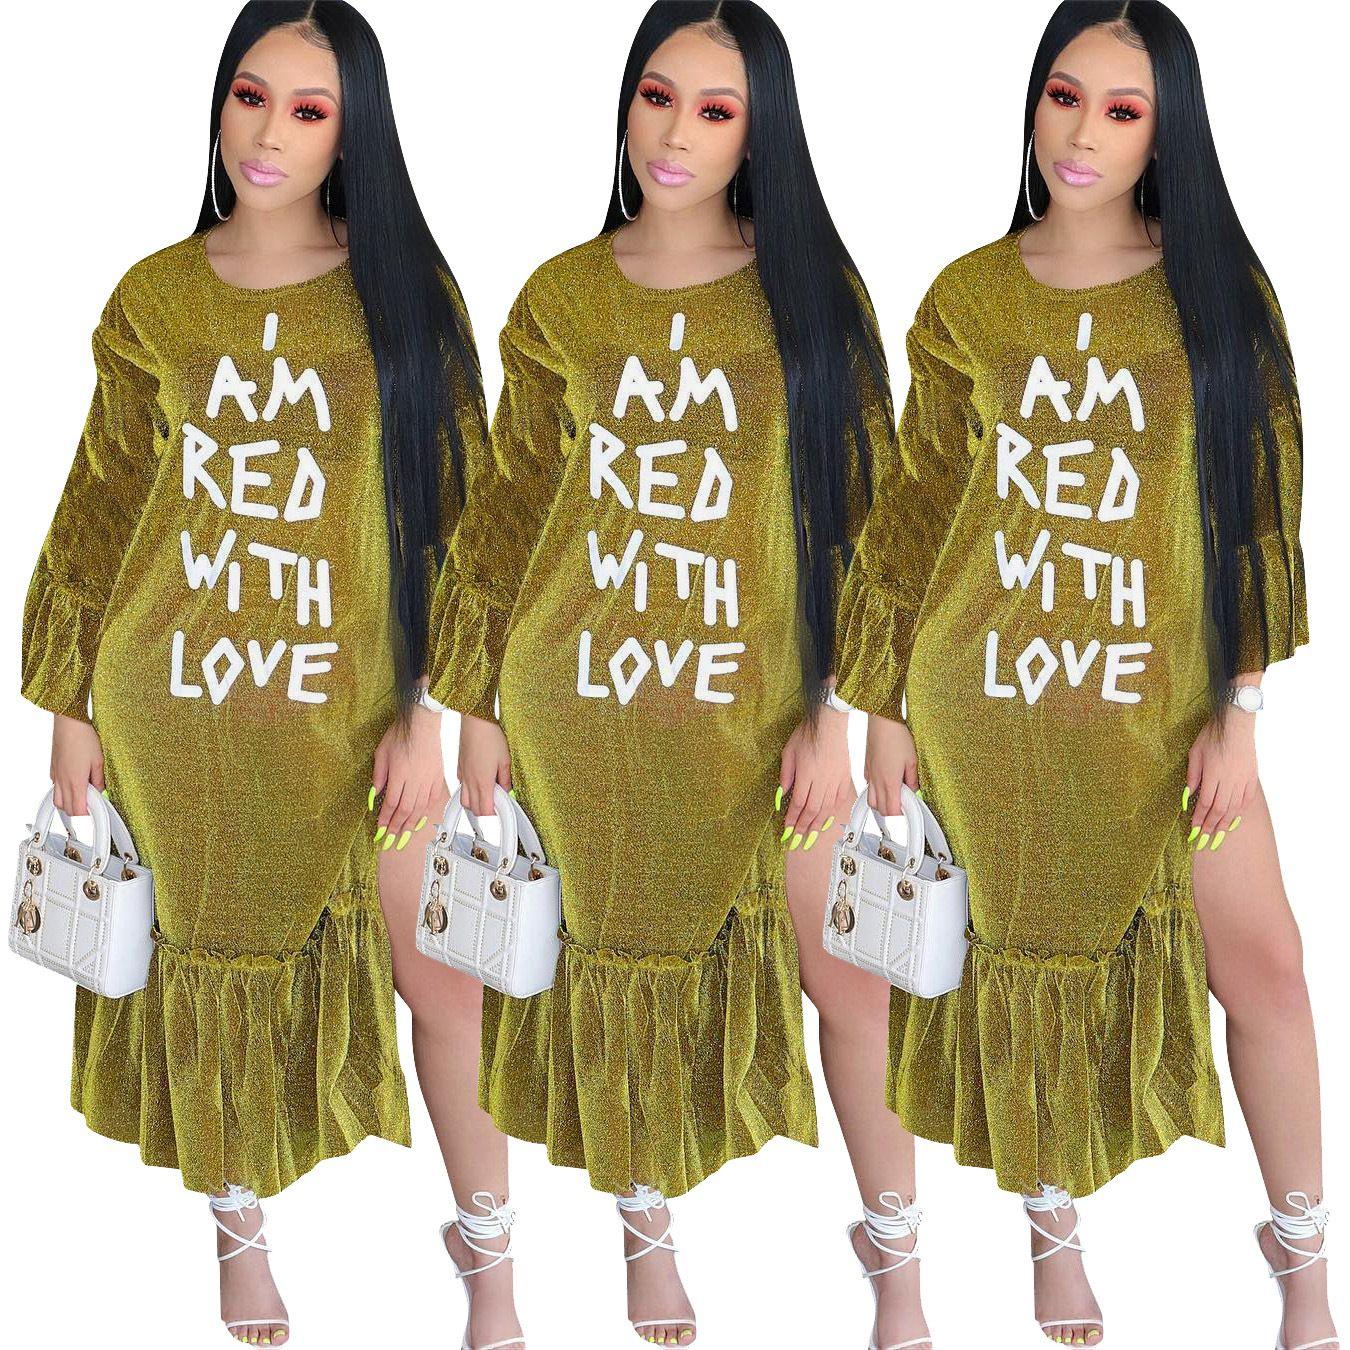 e22fe748186f Acquista Vestiti Delle Donne Longuette Abbigliamento Africano Maniche  Lunghe Stampa Di Lettere Il Lato Della Foglia Di Loto Vestire Nuovo Stile A   50.26 Dal ...